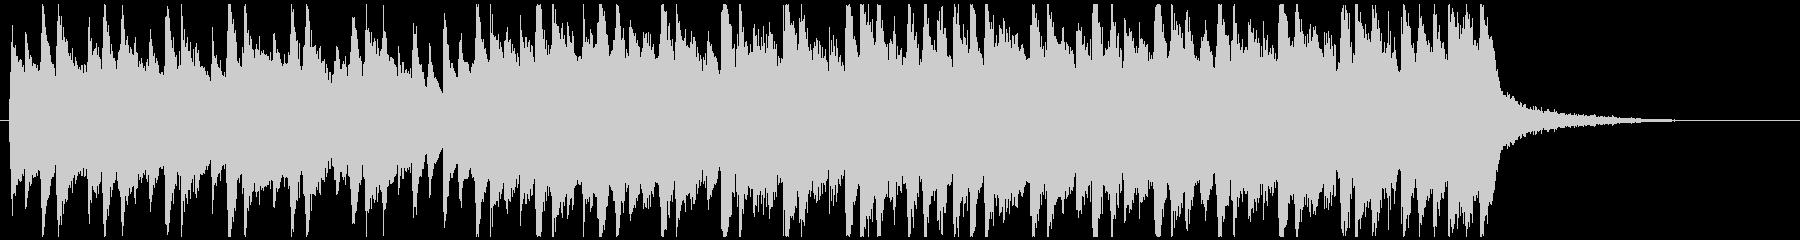 企業系ピアノジングル 爽やかで明るいの未再生の波形